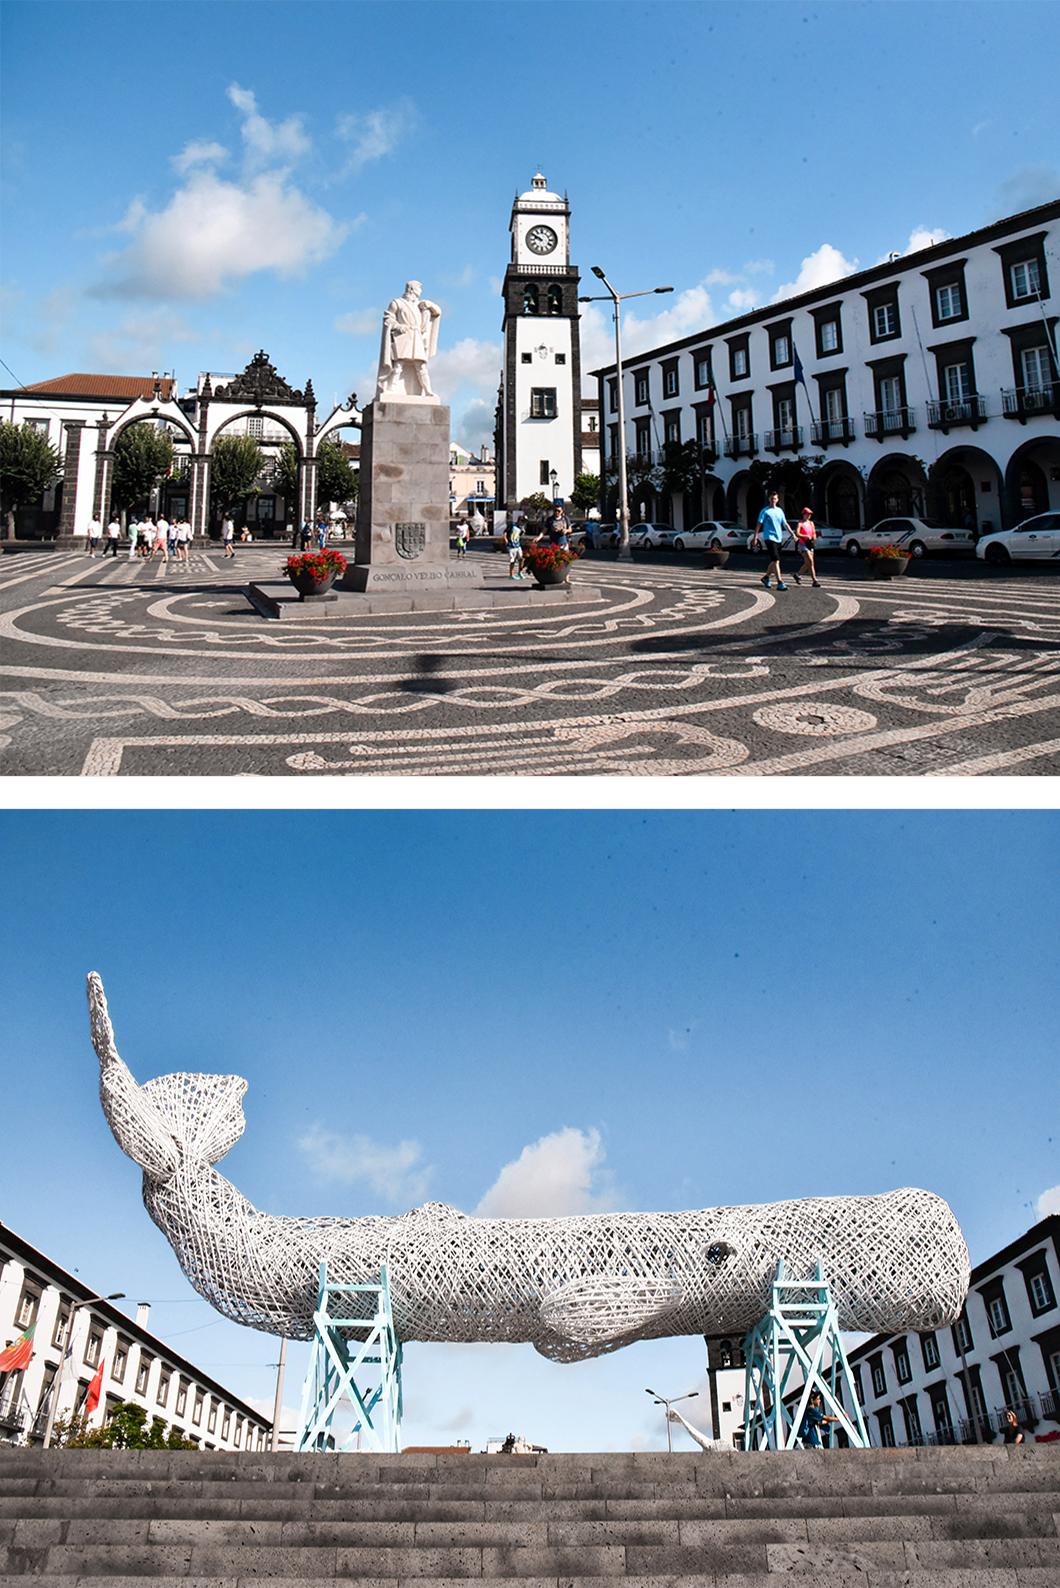 Visiter Ponta Delgada, la plus grande ville de Sao Miguel